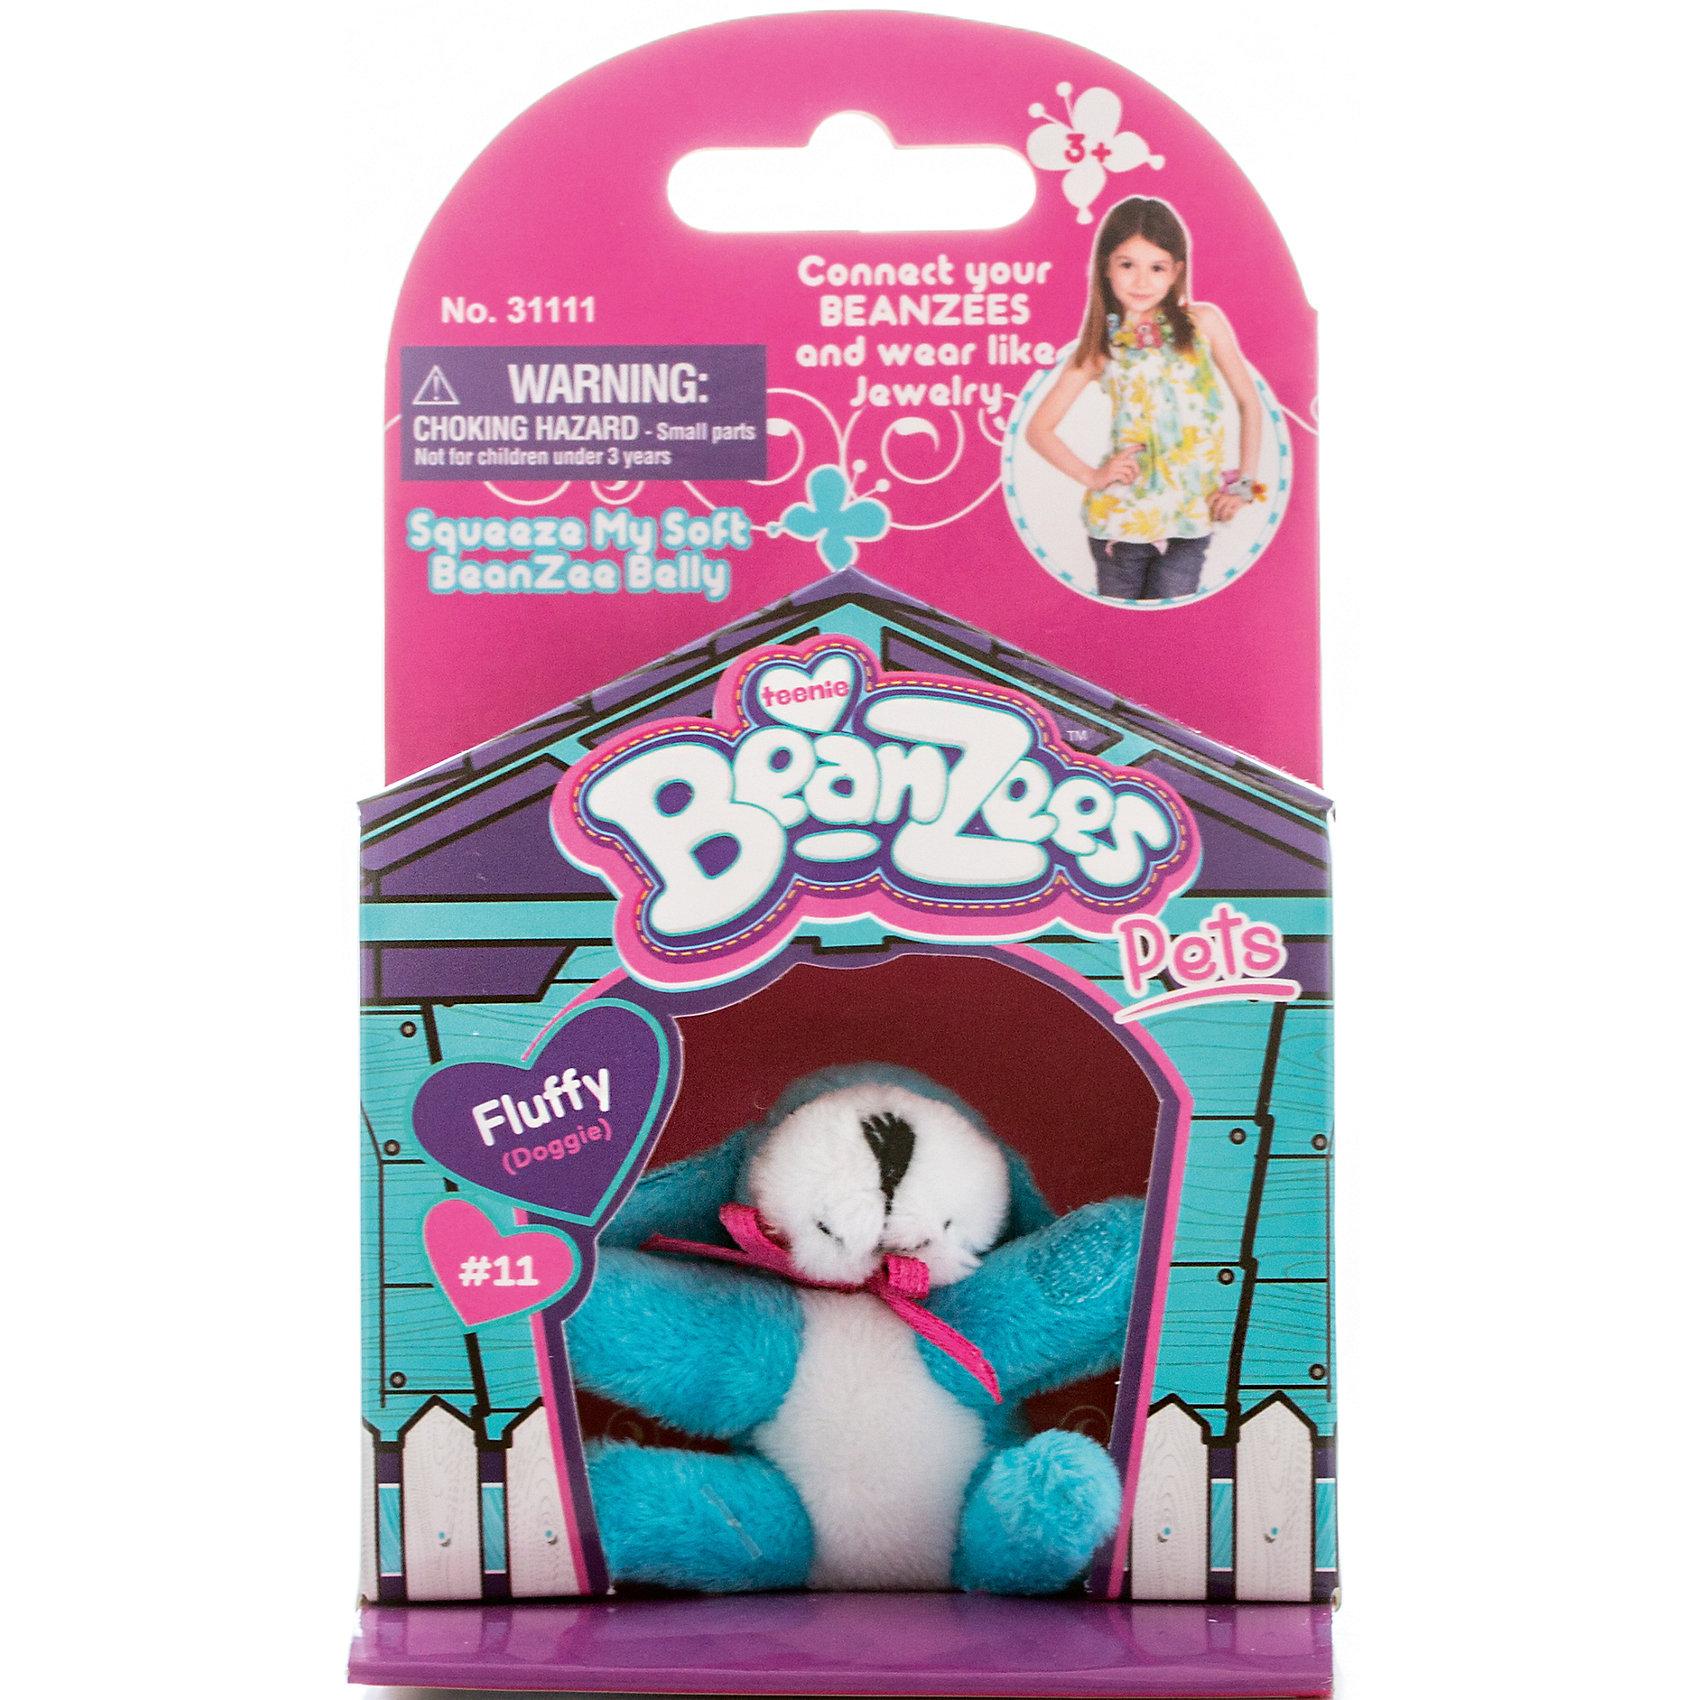 Мини-плюш Голубая собака, BeanzeezМягкие игрушки животные<br>Характеристики товара:<br><br>• цвет: голубой<br>• особенности: наличие на лапках липучек, игрушку можно соединять с другими героями из серии<br>• материал: пластик, текстиль<br>• размер упаковки: 9х5,5х14,5 см.<br>• высота игрушки: 5 см<br>• возраст: от 3 лет<br>• страна бренда: США<br>• страна производства: Китай<br><br>Такая симпатичная игрушка не оставит ребенка равнодушным! Какой малыш откажется поиграть с маленькими плюшевыми игрушками из большой пушистой коллекции?! Игрушки очень качественно выполнены, поэтому такая фигурка станет отличным подарком ребенку. Благодаря липучкам на лапках животных можно соединить между собой. Дети приходят в восторг от этих игрушек!<br>Такие предметы помогают ребенку отрабатывать новые навыки и способности - развивать ловкость, мелкую моторику, воображение, мышление, логику. Изделие производится из качественных сертифицированных материалов, безопасных даже для самых маленьких.<br><br>Мини-плюш Голубая собака от бренда Beanzeez можно купить в нашем интернет-магазине.<br><br>Ширина мм: 50<br>Глубина мм: 140<br>Высота мм: 85<br>Вес г: 73<br>Возраст от месяцев: 36<br>Возраст до месяцев: 2147483647<br>Пол: Женский<br>Возраст: Детский<br>SKU: 5218681